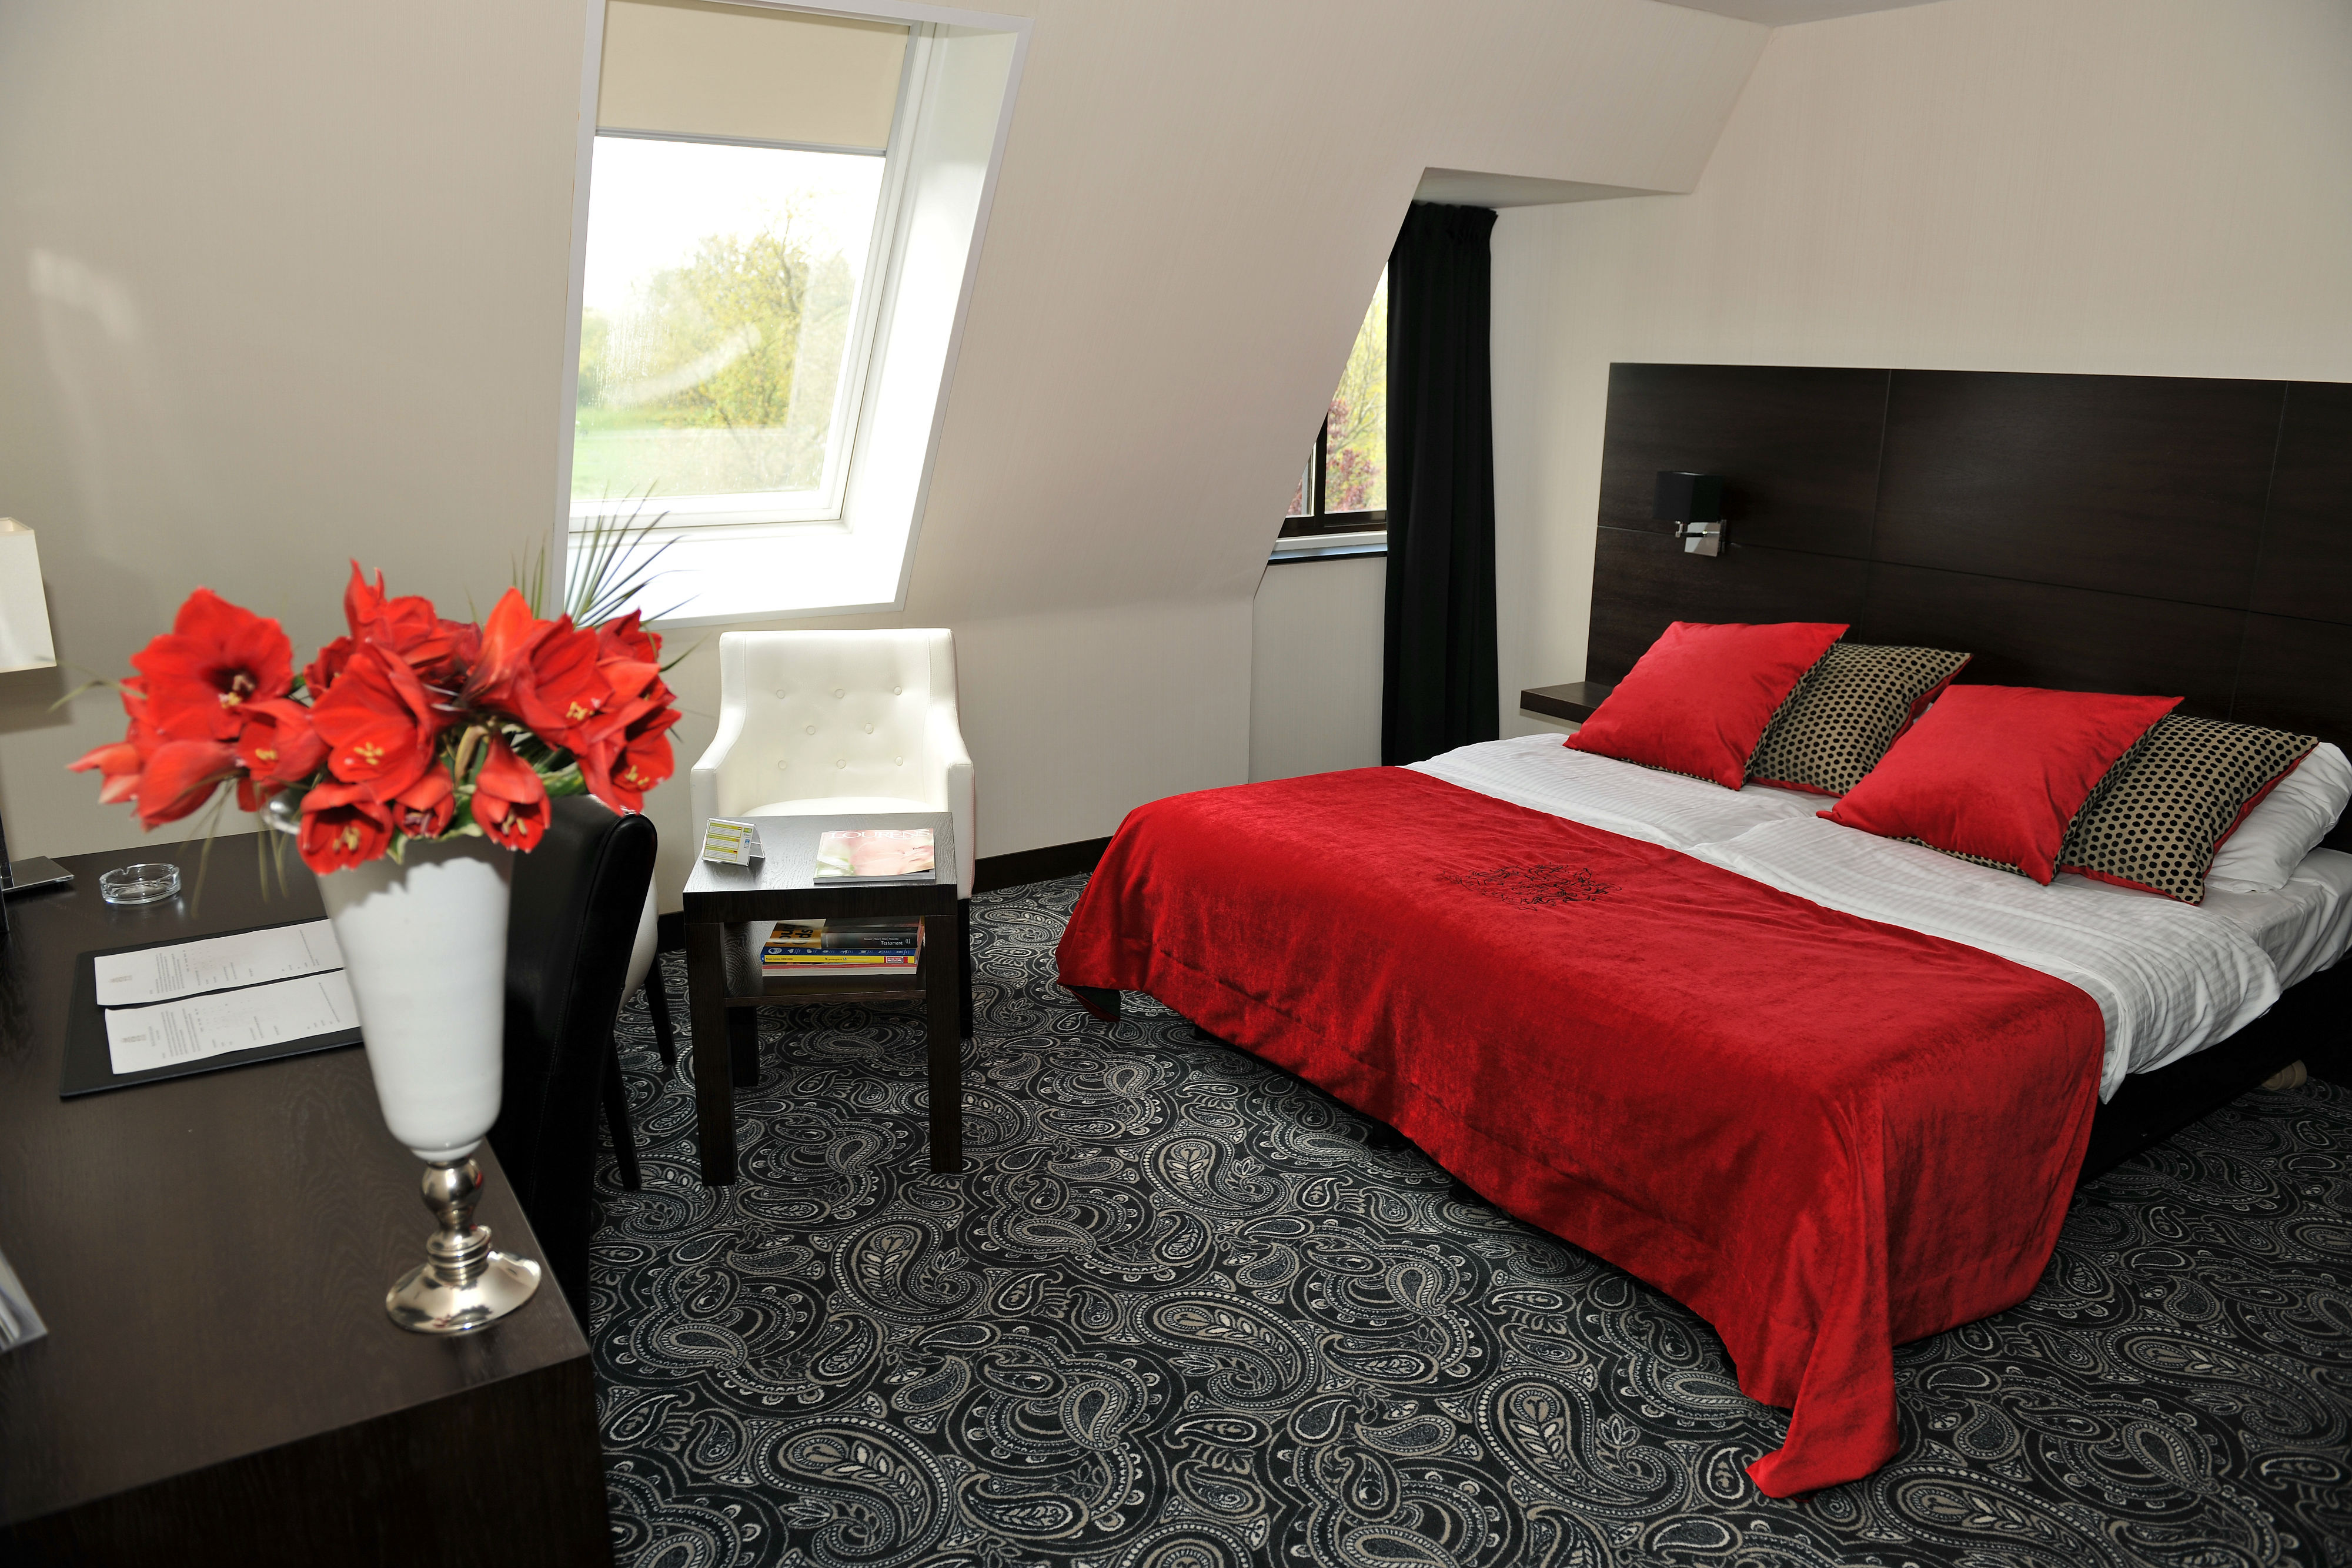 Standaard kamer bij Hotel de Gouden Leeuw - Hotel De Gouden Leeuw